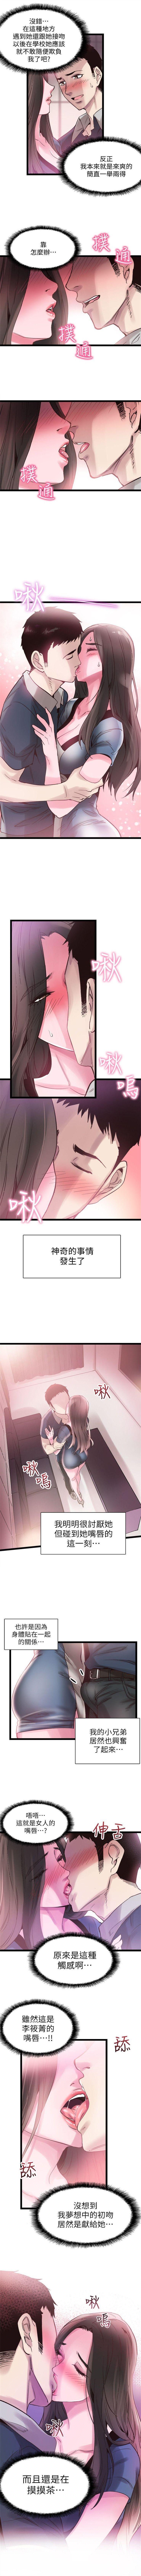 (週7)校園live秀 1-50 中文翻譯(更新中) 62